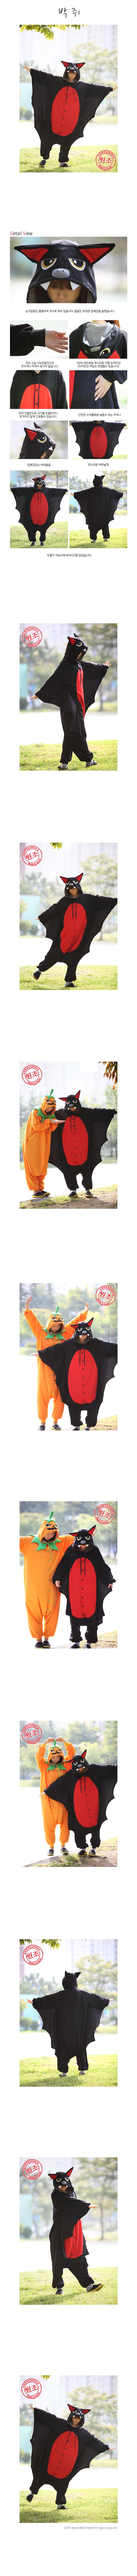 사계절동물잠옷-박쥐 - 사자크동물잠옷, 37,000원, 잠옷, 커플파자마